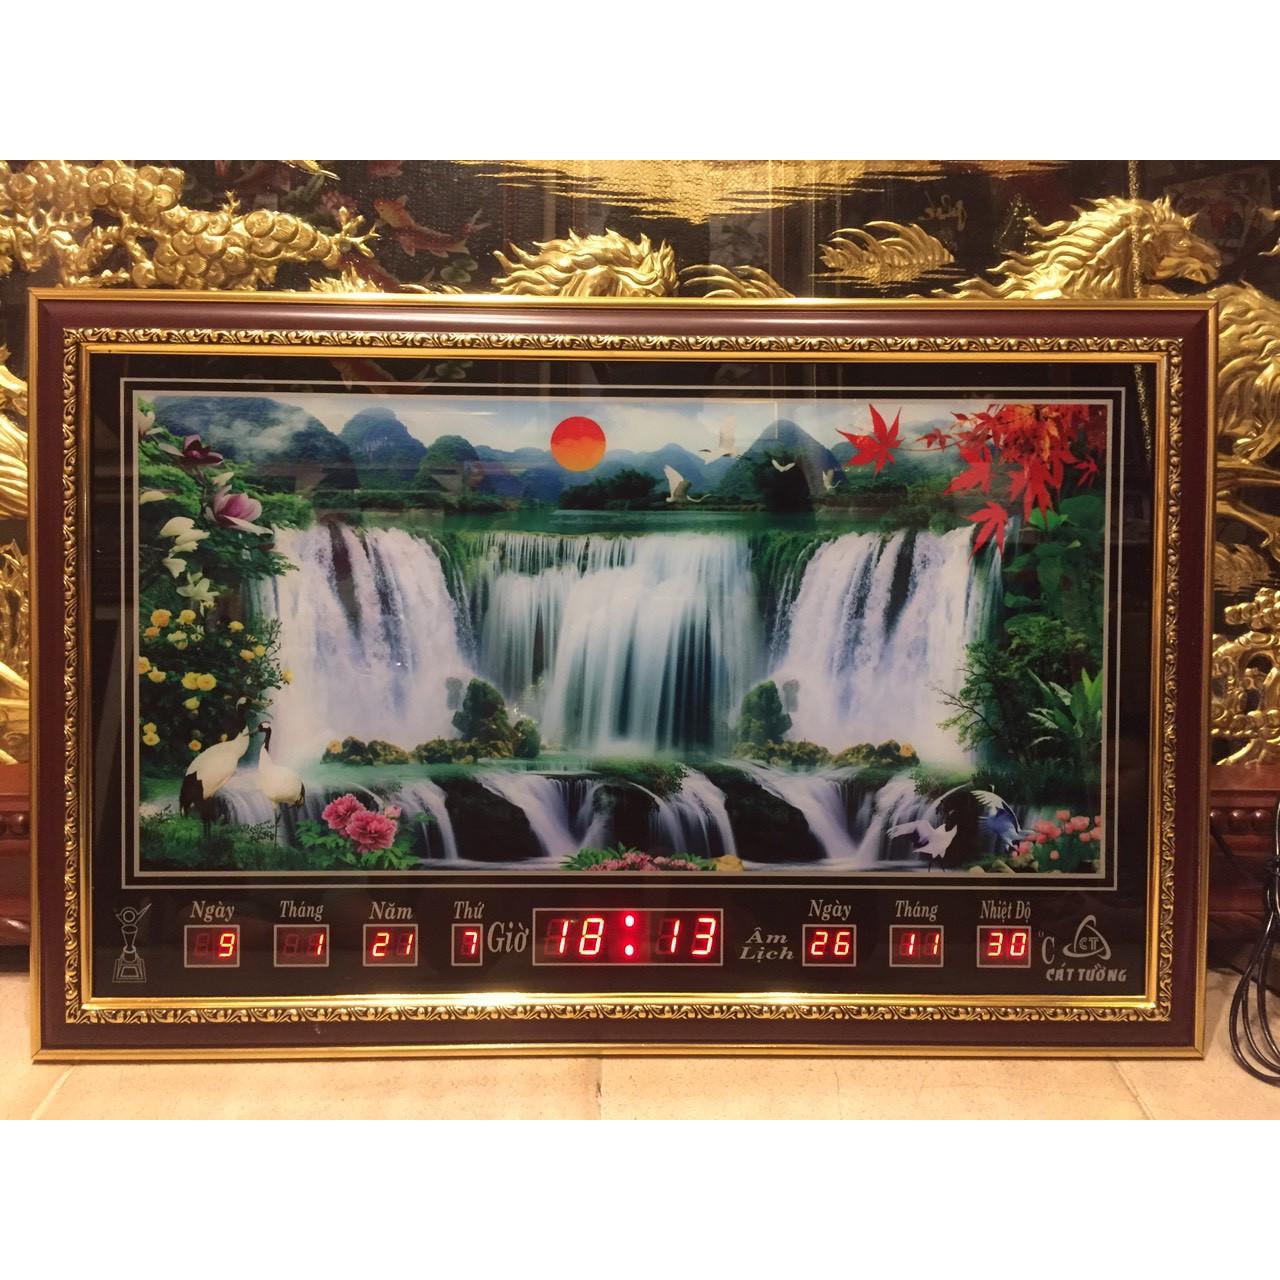 Tranh đồng hồ điện vạn niên - Suối chảy - 68553